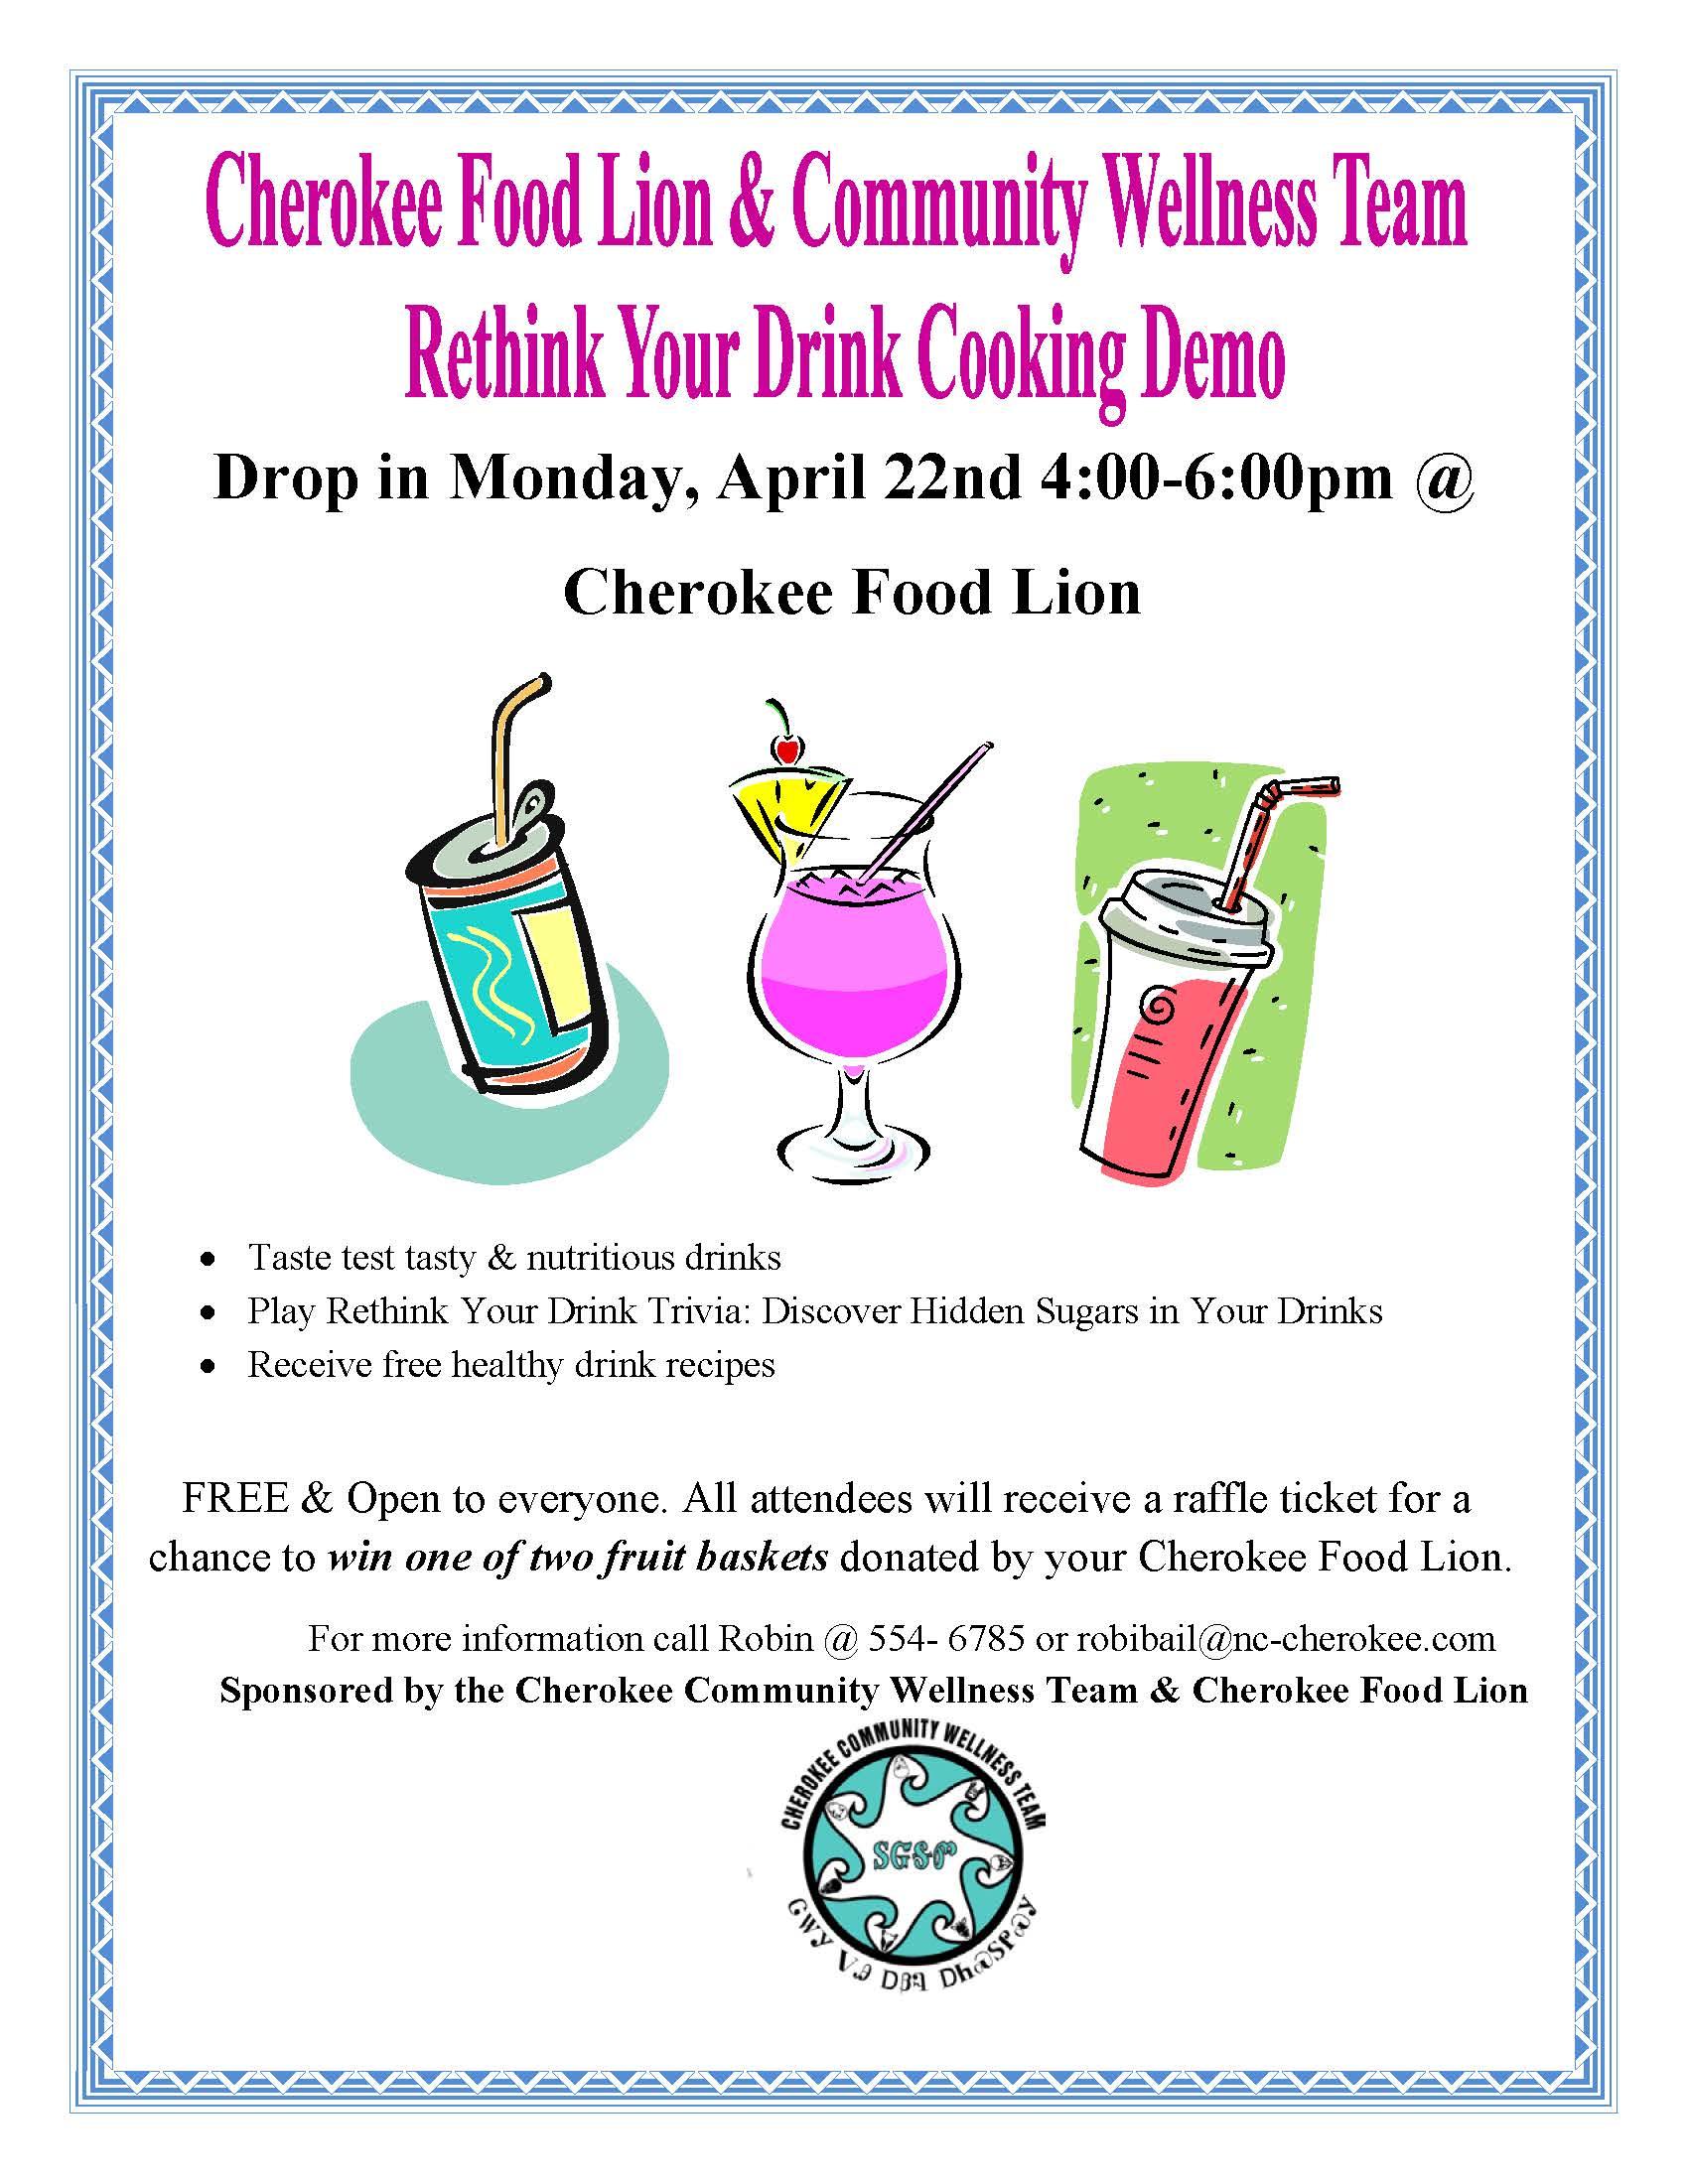 Foodlion Drinks Cooking Demo April 2013